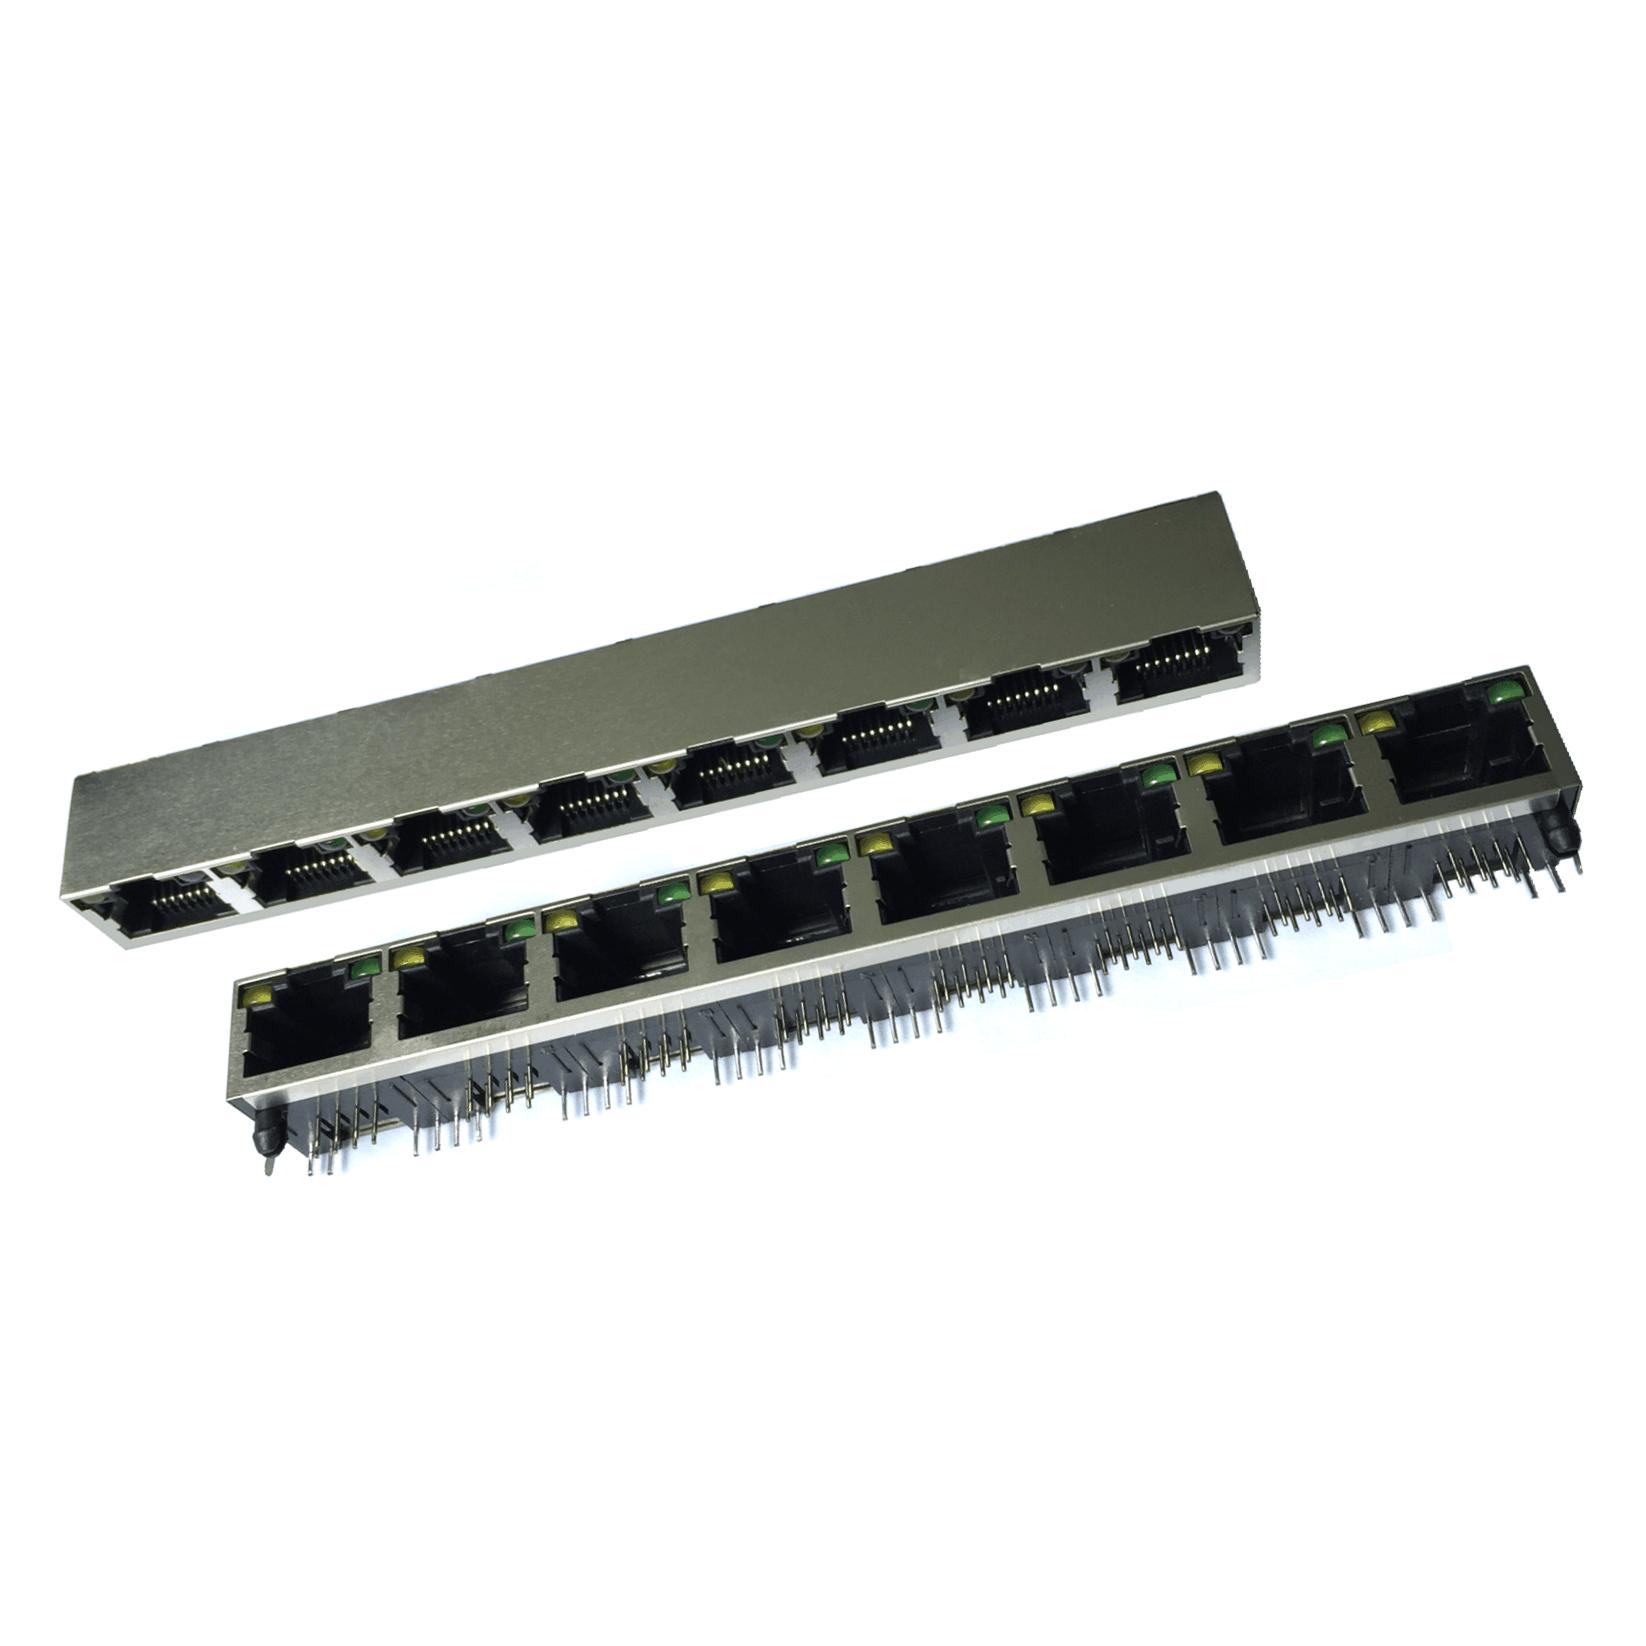 RJ45 8Pin8C